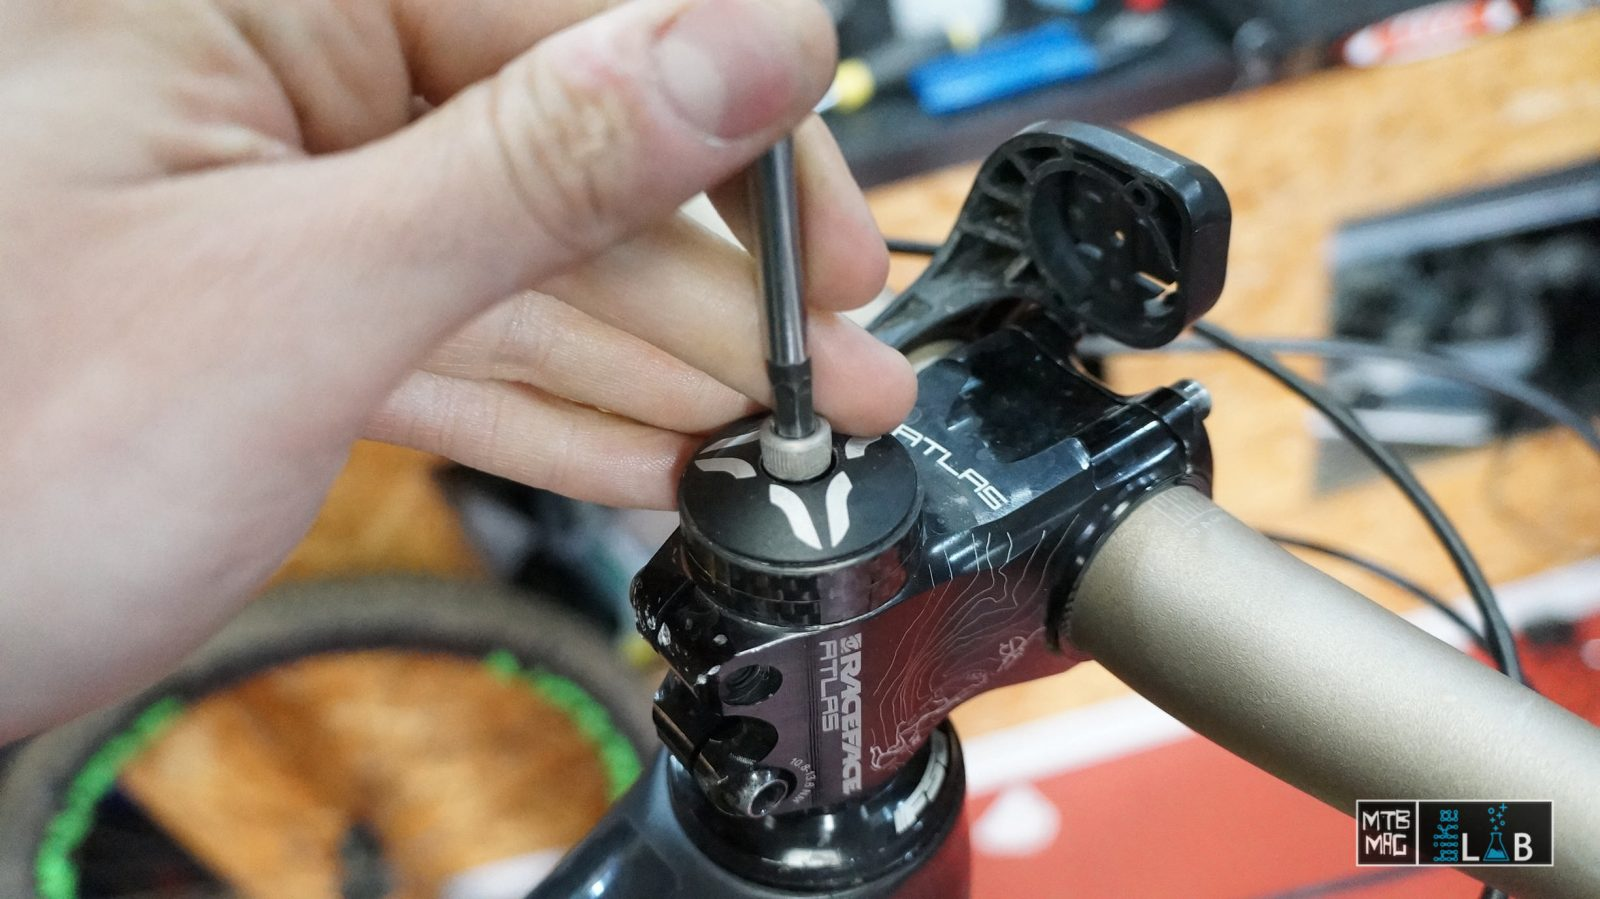 vera qualità online in vendita assolutamente alla moda MTB-MAG.COM - Mountain Bike Online Magazine | La ...